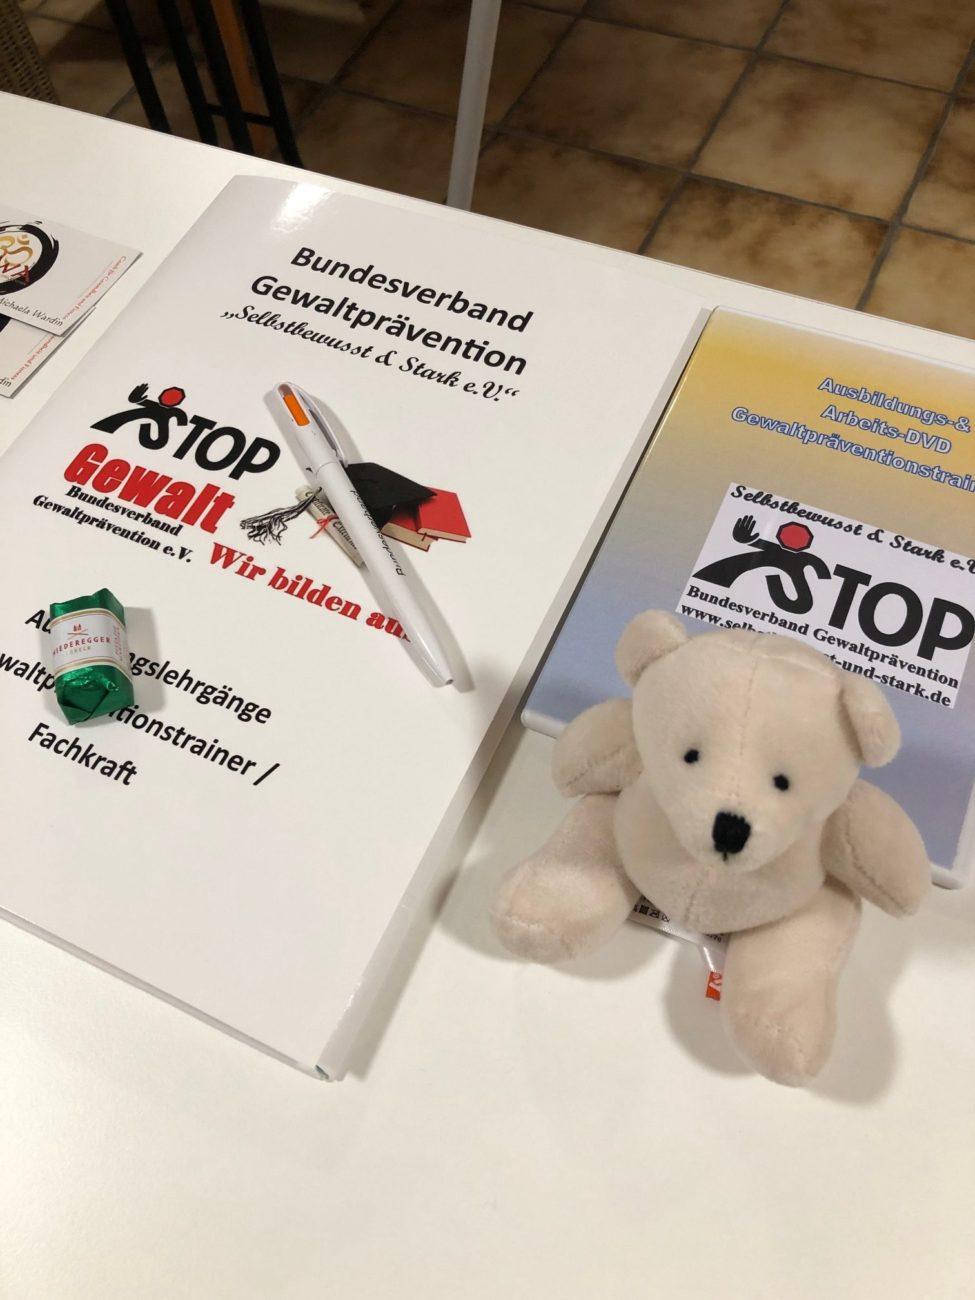 Ausbildung zum Gewaltpräventionstrainer als Webinar